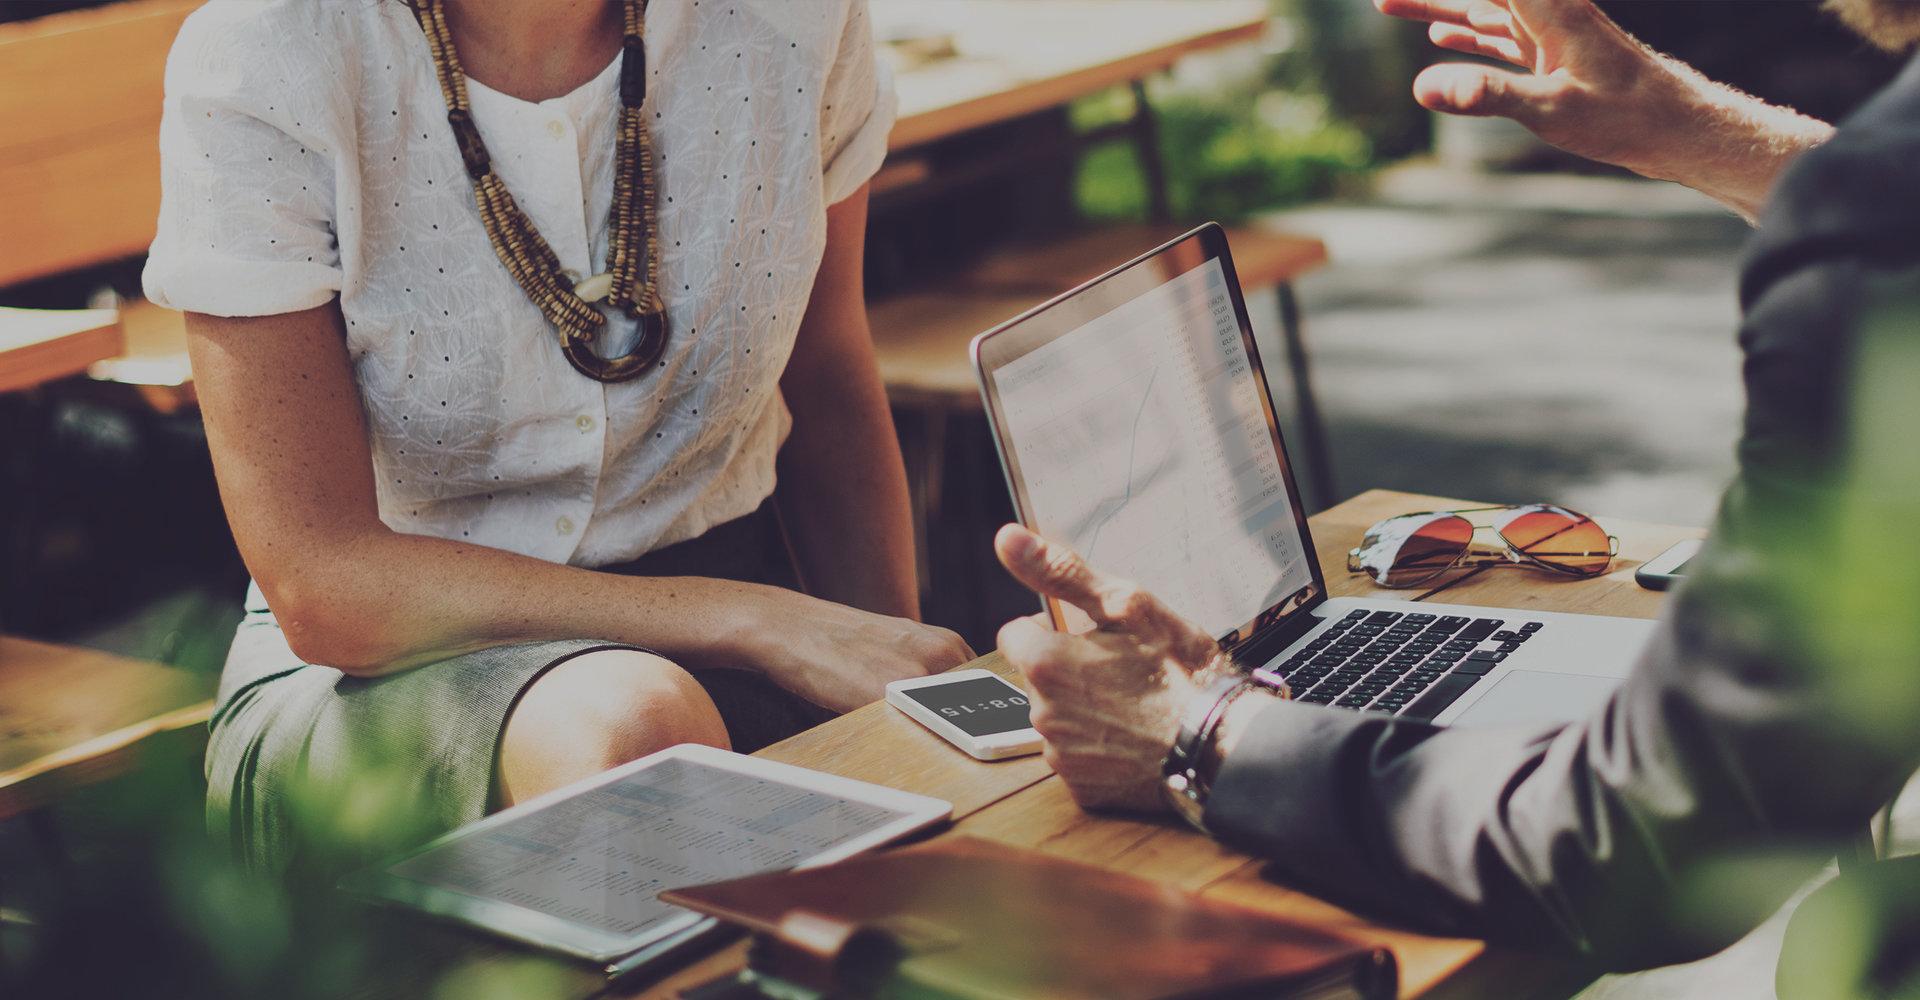 Systemy do analizy zachowań klientów zwiększą sprzedaż?